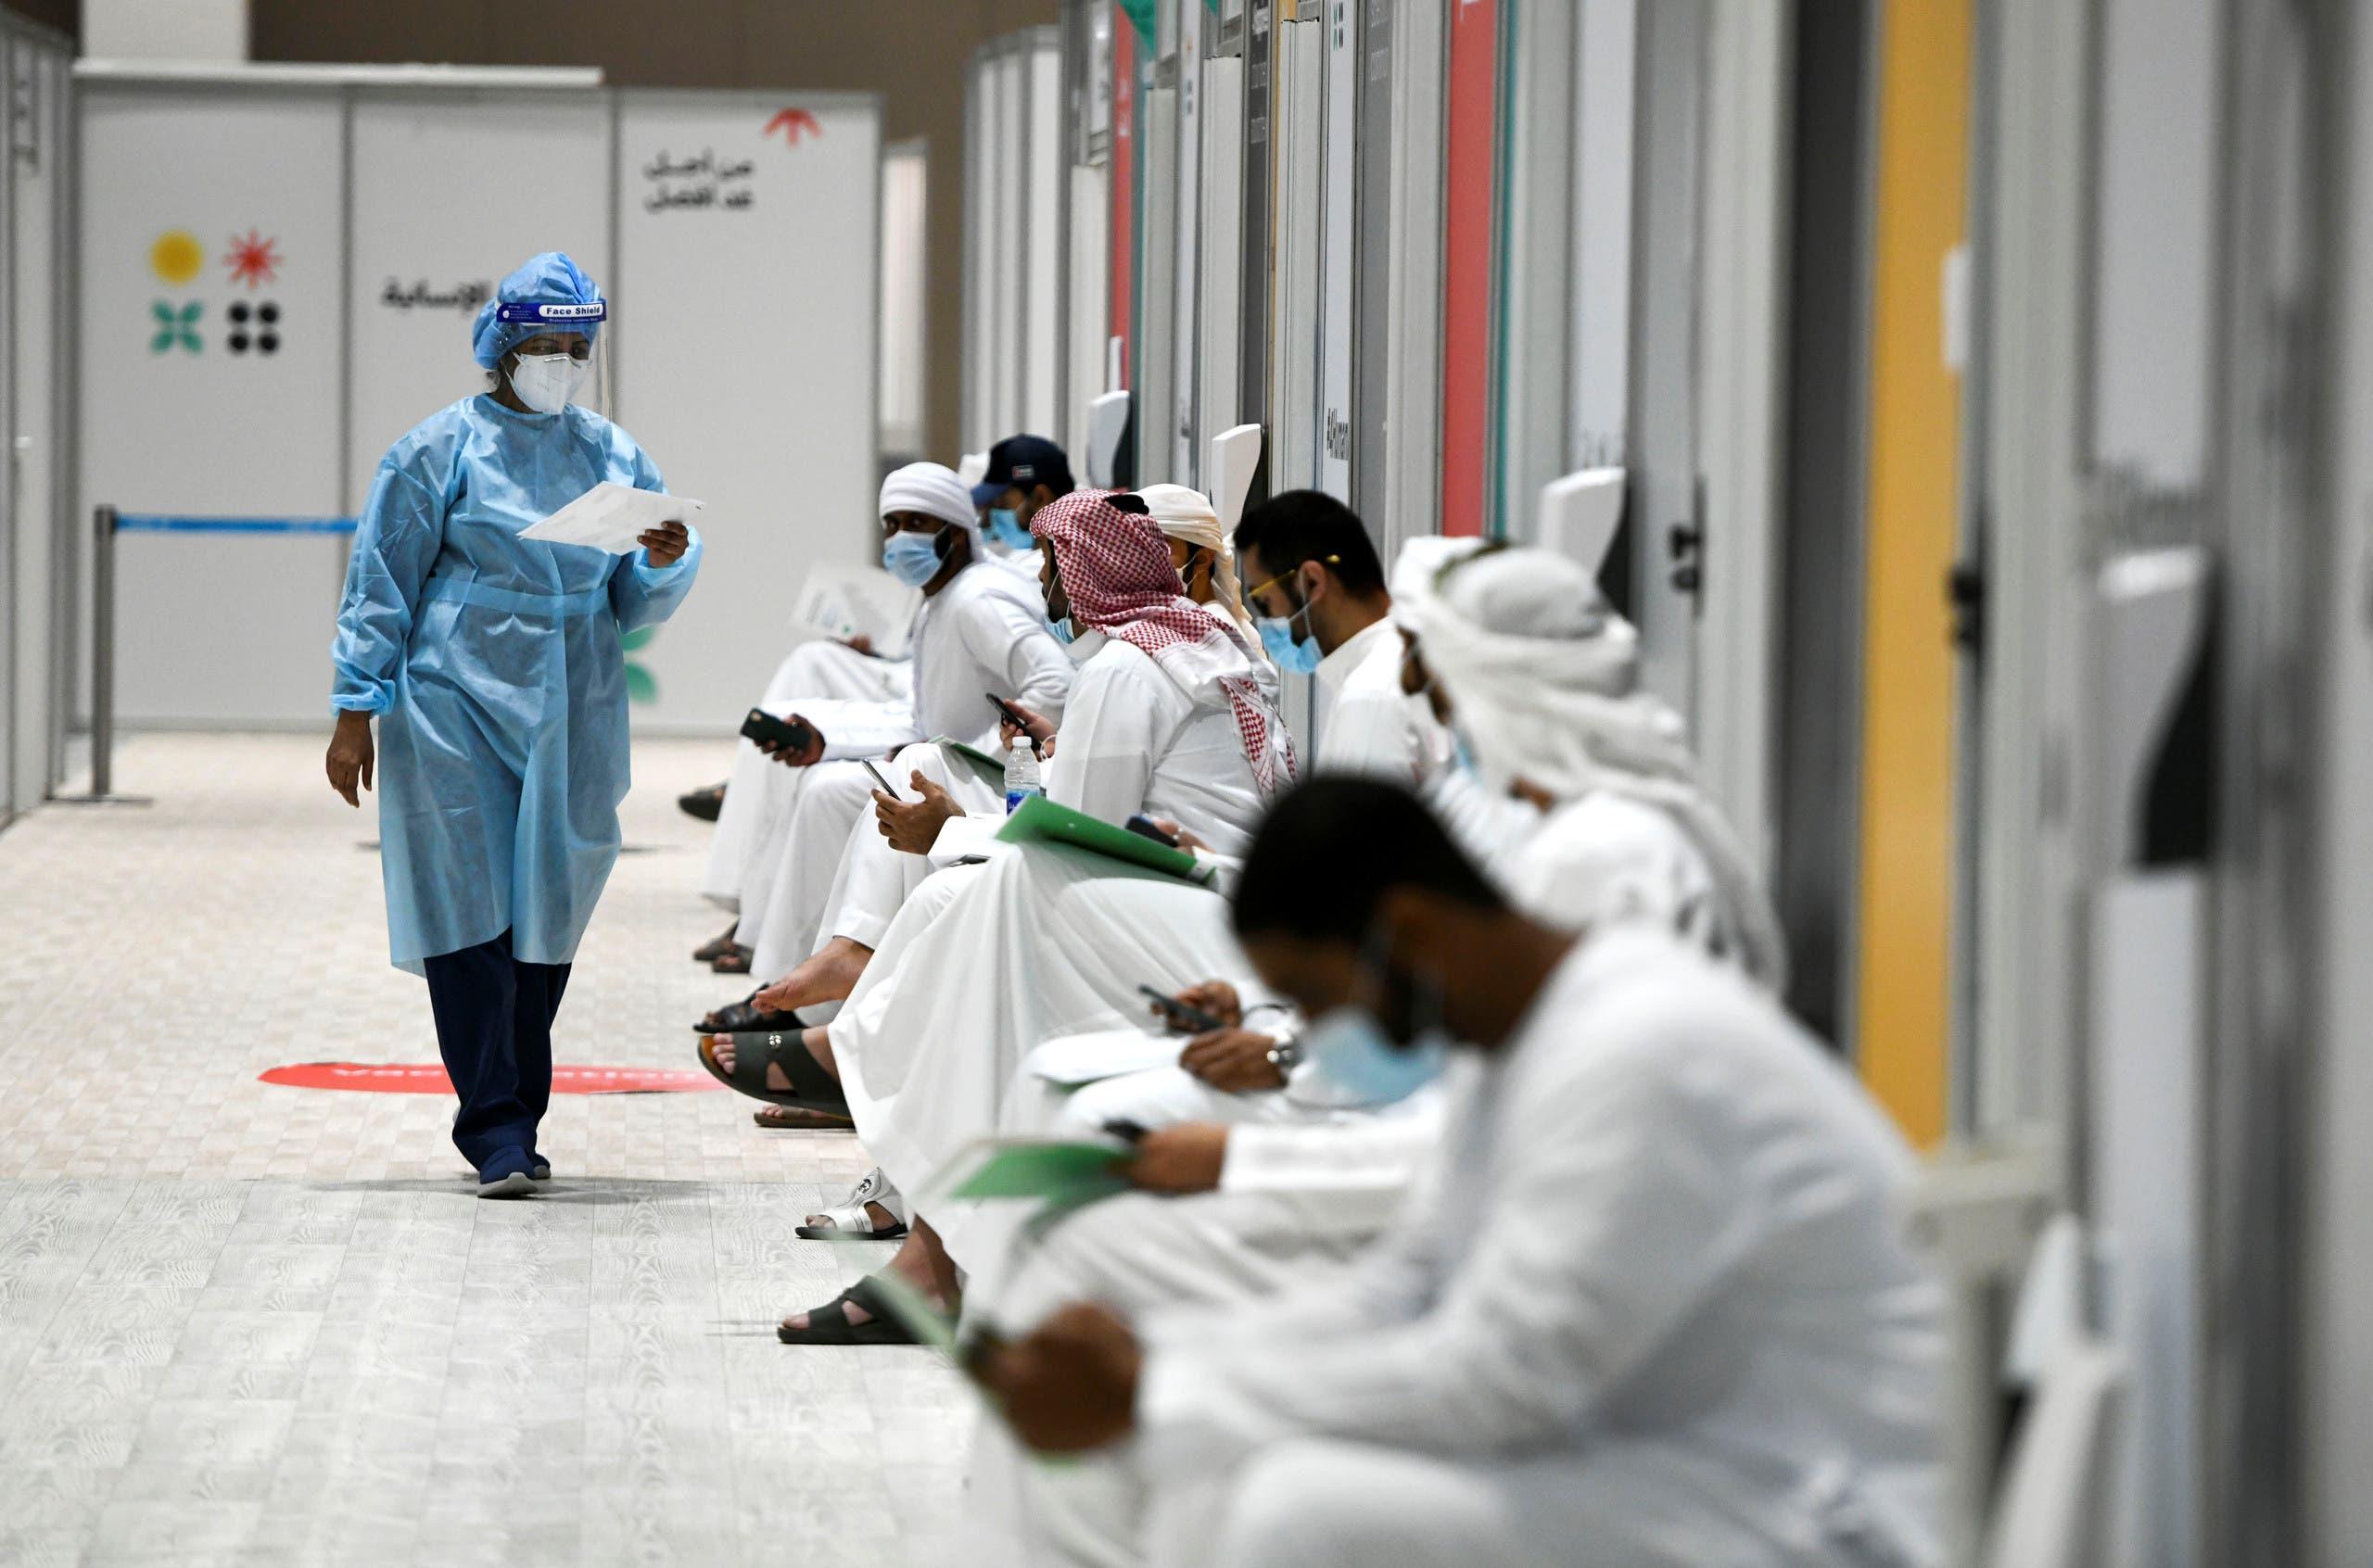 من أحد مراكز التطعيم ضد كورونا في أبوظبي